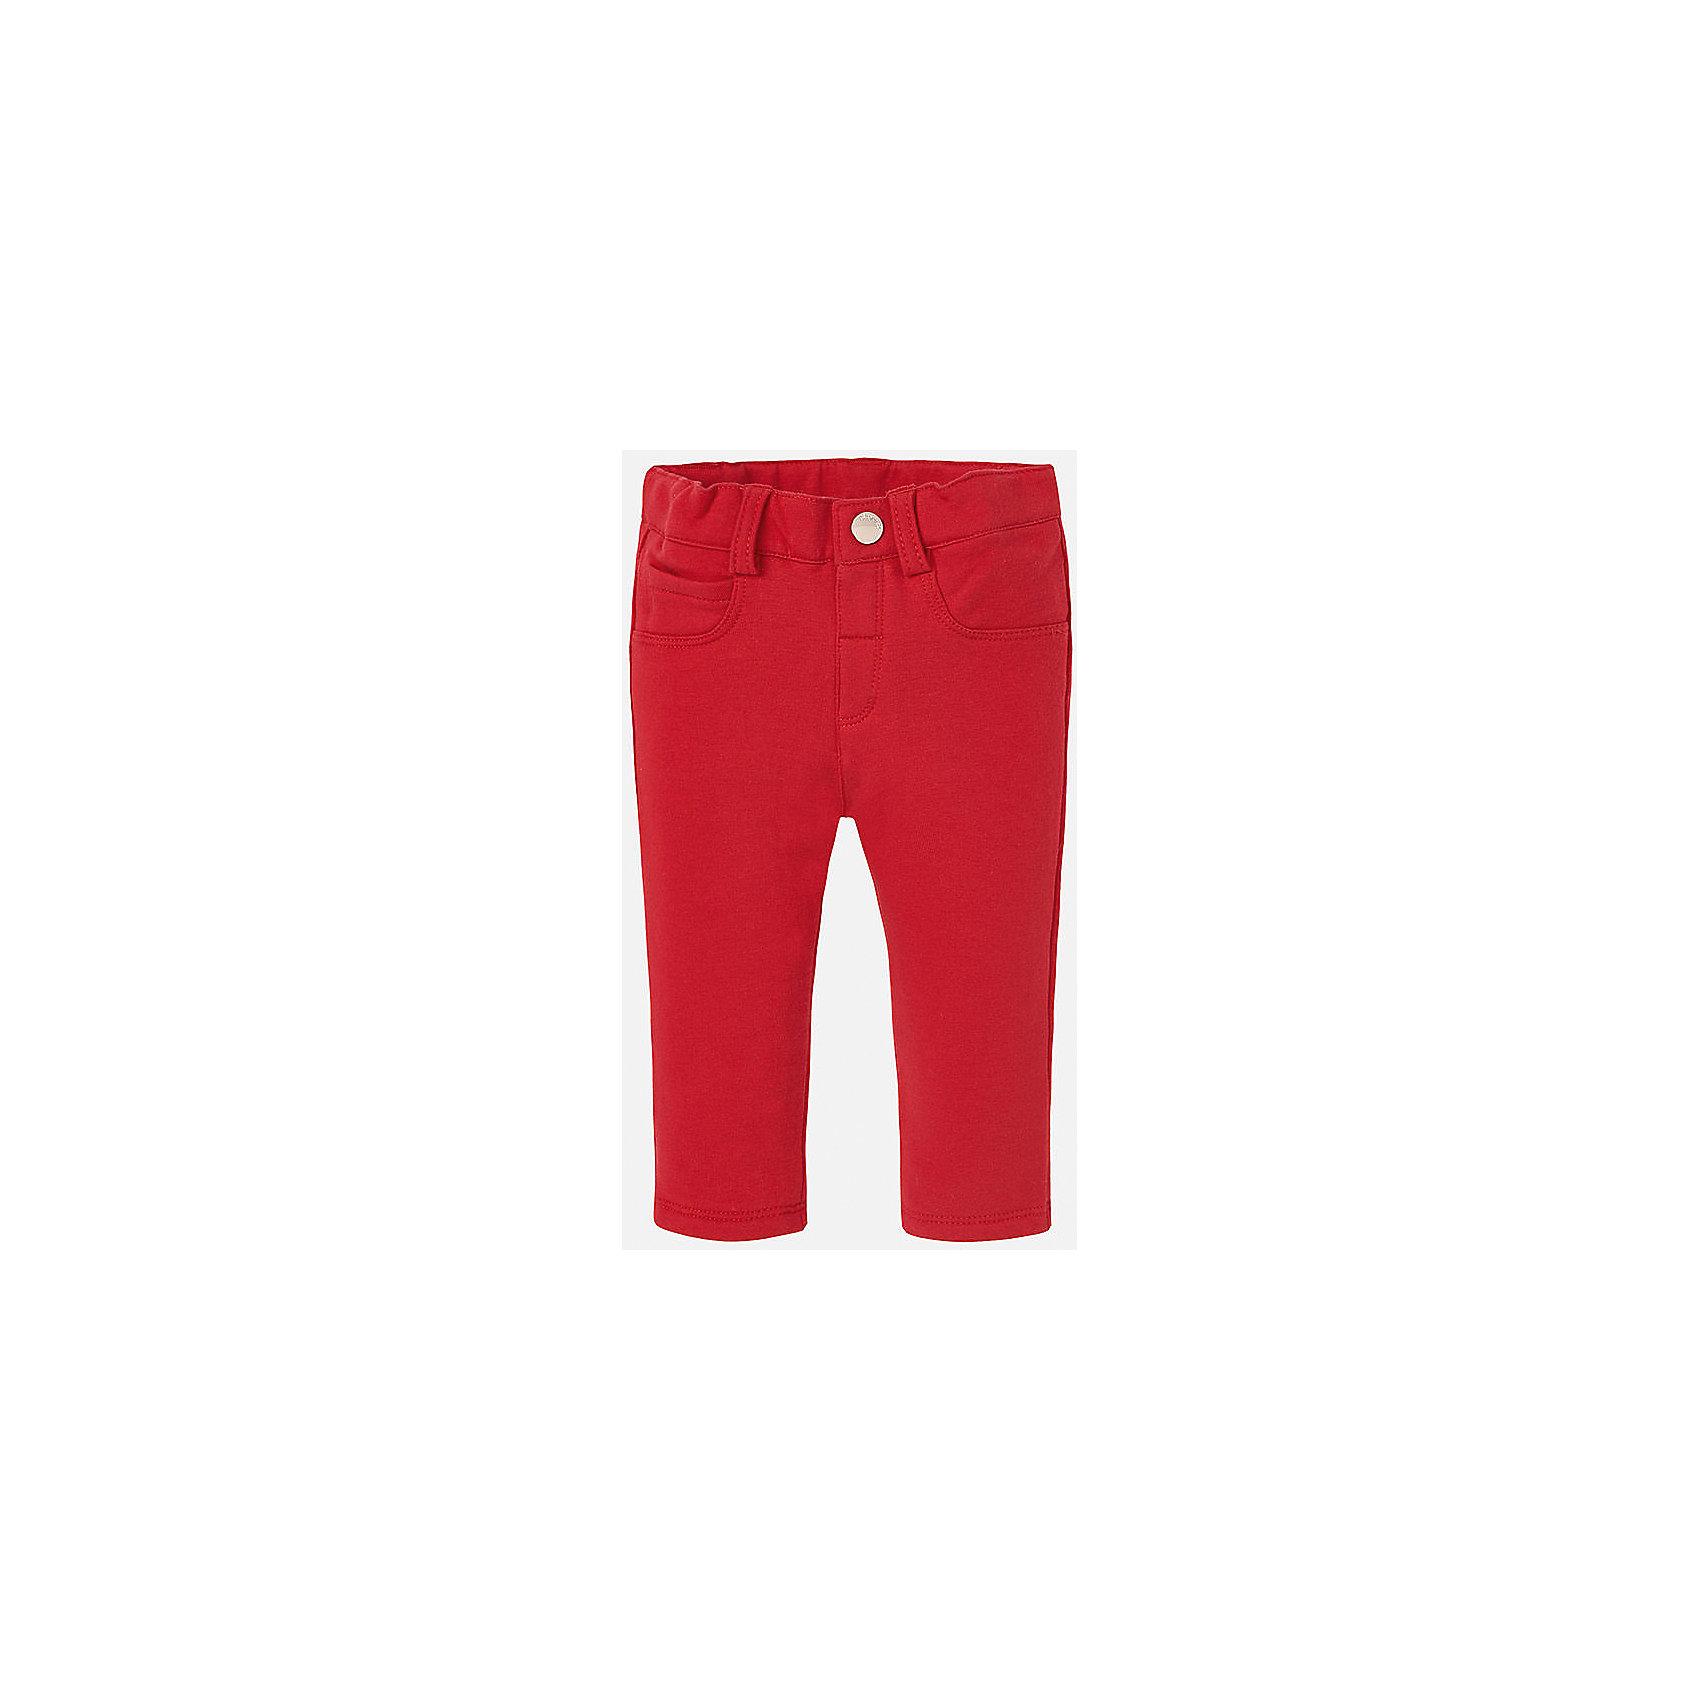 Леггинсы для девочки MayoralДжинсы и брючки<br>Яркие красные леггинсы торговой марки    Майорал -Mayoral  понравятся юным модницам. Это не только красивые брючки, но и достаточно удобные, поэтому даже самые активные девчонки смогут в них свободно двигаться, так как они не сковывают движений.<br><br>Дополнительная информация: <br><br>- состав: хлопок 57%,полиэстер 38%,эластан 5%<br>- цвет: синий<br>- параметры брючин: длина по внутреннему шву: 21 см<br>- фактура материала: трикотажный<br>- тип посадки: средняя посадка<br>- тип карманов: без карманов<br>- уход за вещами: бережная стирка при 30 градусах<br>- рисунок: без рисунка<br>- назначение: повседневная<br>- сезон: круглогодичный<br>- пол: девочки<br>- страна бренда: Испания<br>- страна производитель: Китай<br>- комплектация: леггинсы<br><br>Леггинсы торговой марки    Майорал  можно купить в нашем интернет-магазине.<br><br>Ширина мм: 123<br>Глубина мм: 10<br>Высота мм: 149<br>Вес г: 209<br>Цвет: красный<br>Возраст от месяцев: 12<br>Возраст до месяцев: 15<br>Пол: Женский<br>Возраст: Детский<br>Размер: 80,92,74,86<br>SKU: 4845984